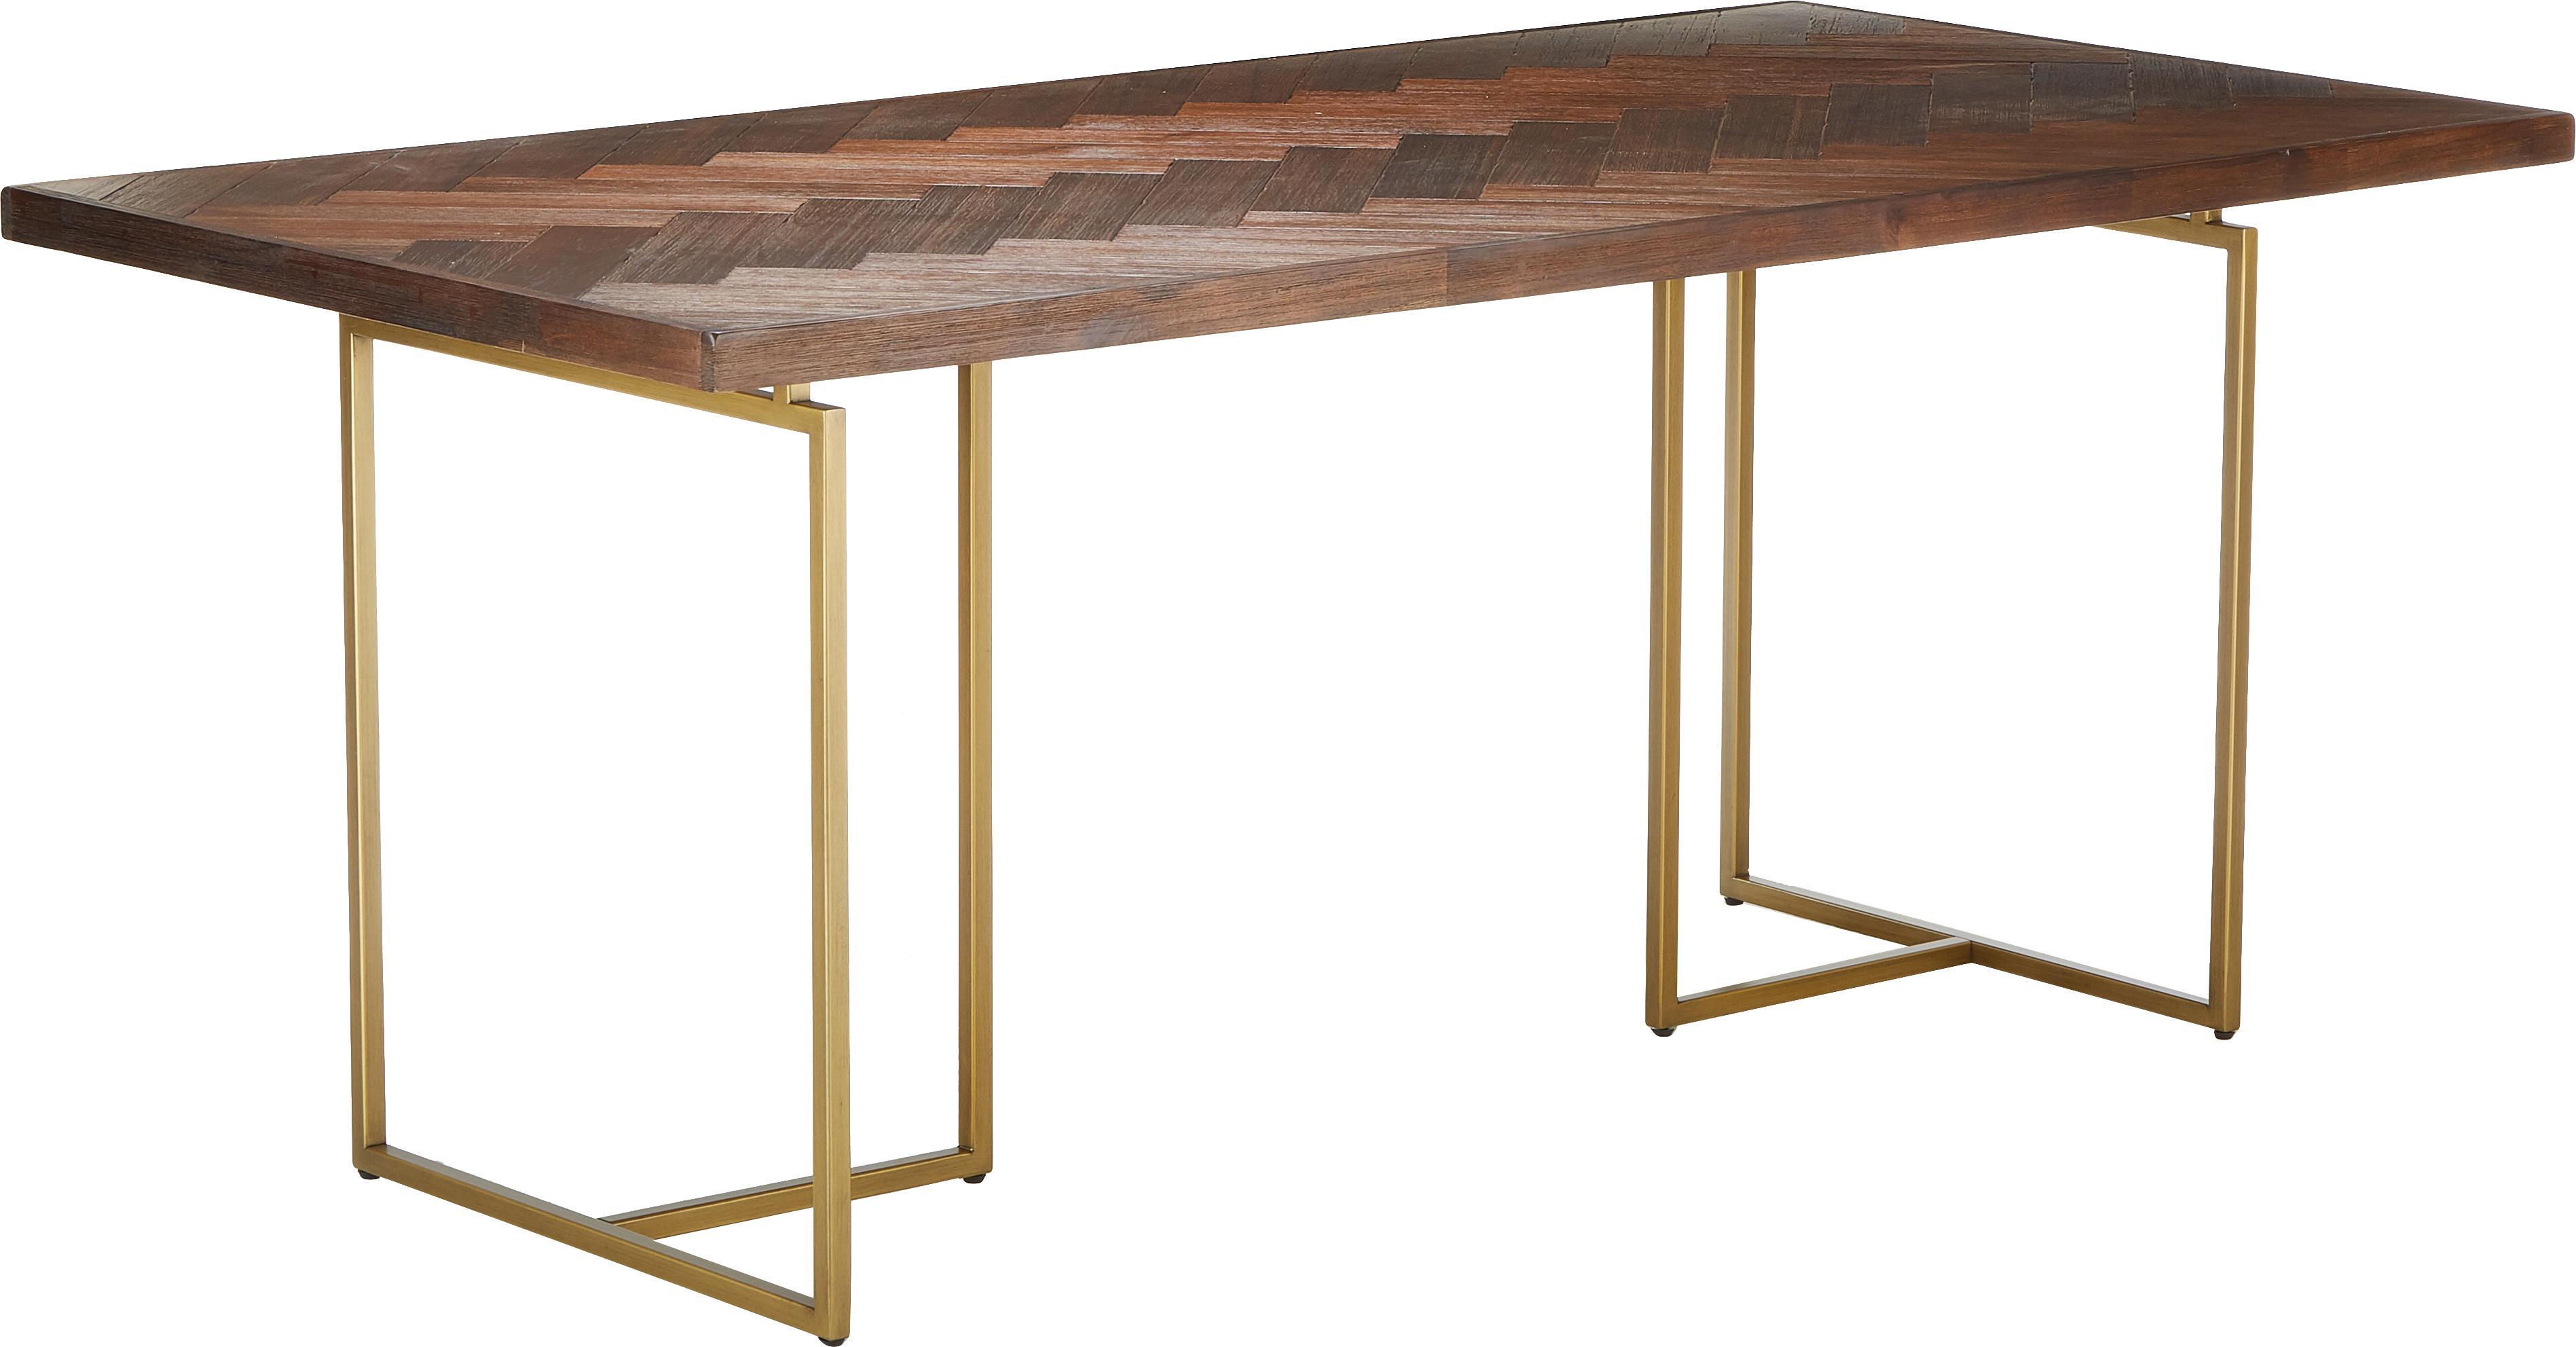 Stół do jadalni w jodełkę z drewna akacjowego Class, Blat: płyta pilśniowa o średnie, Nogi: metal malowany proszkowo, Brązowy, S 180 x G 90 cm